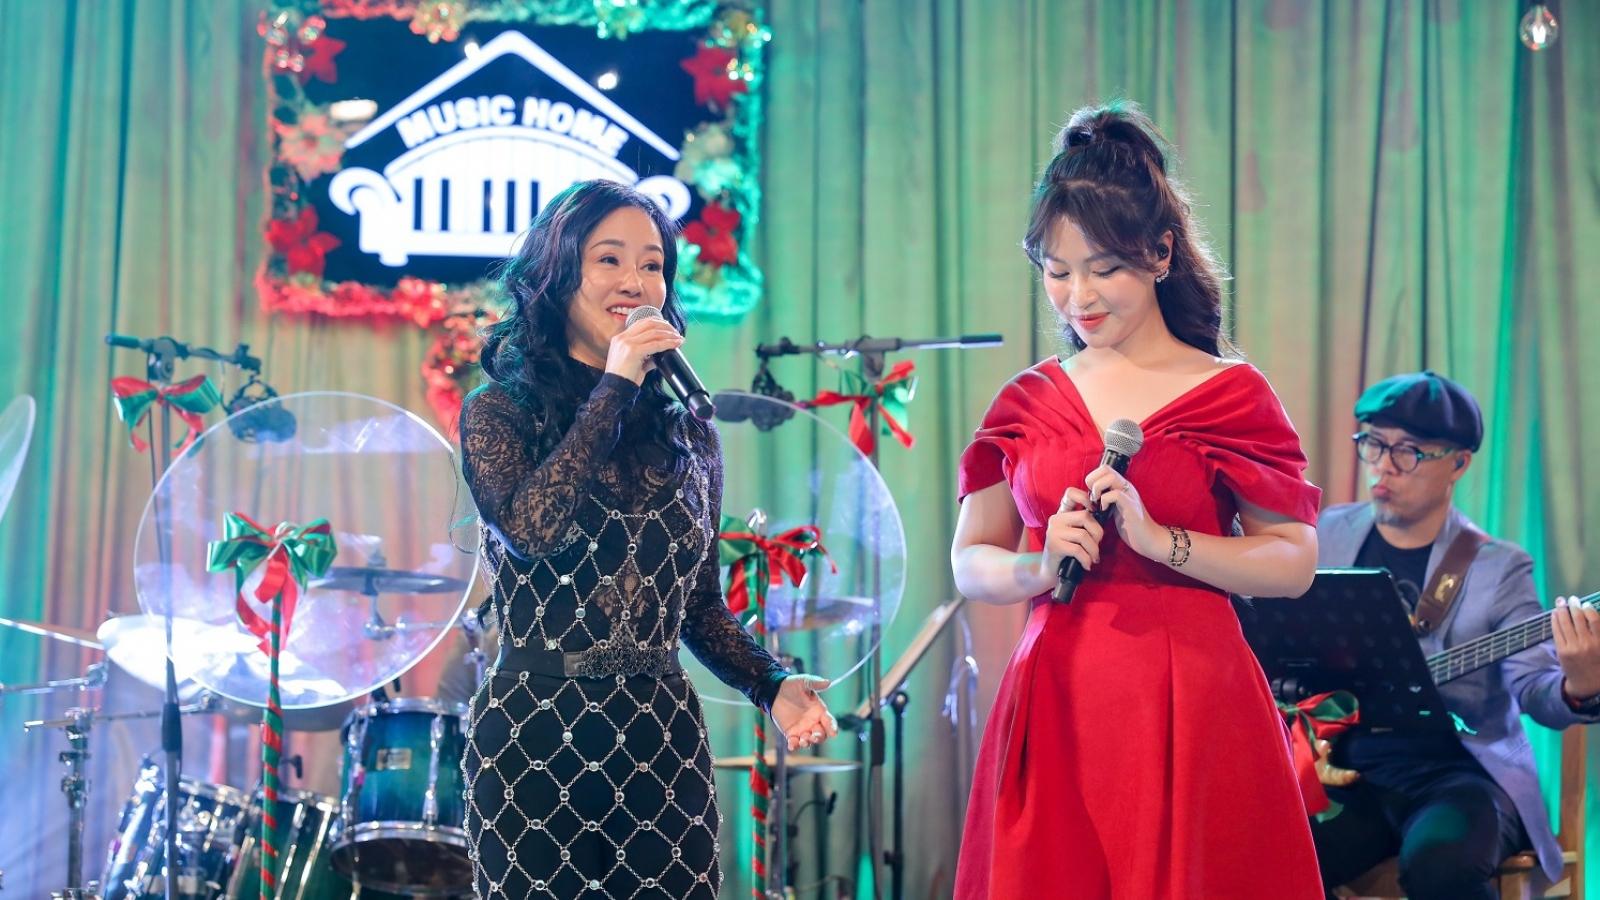 Quán quân Giọng hát hay Hà Nội xúc động khi được hát cùng diva Hồng Nhung